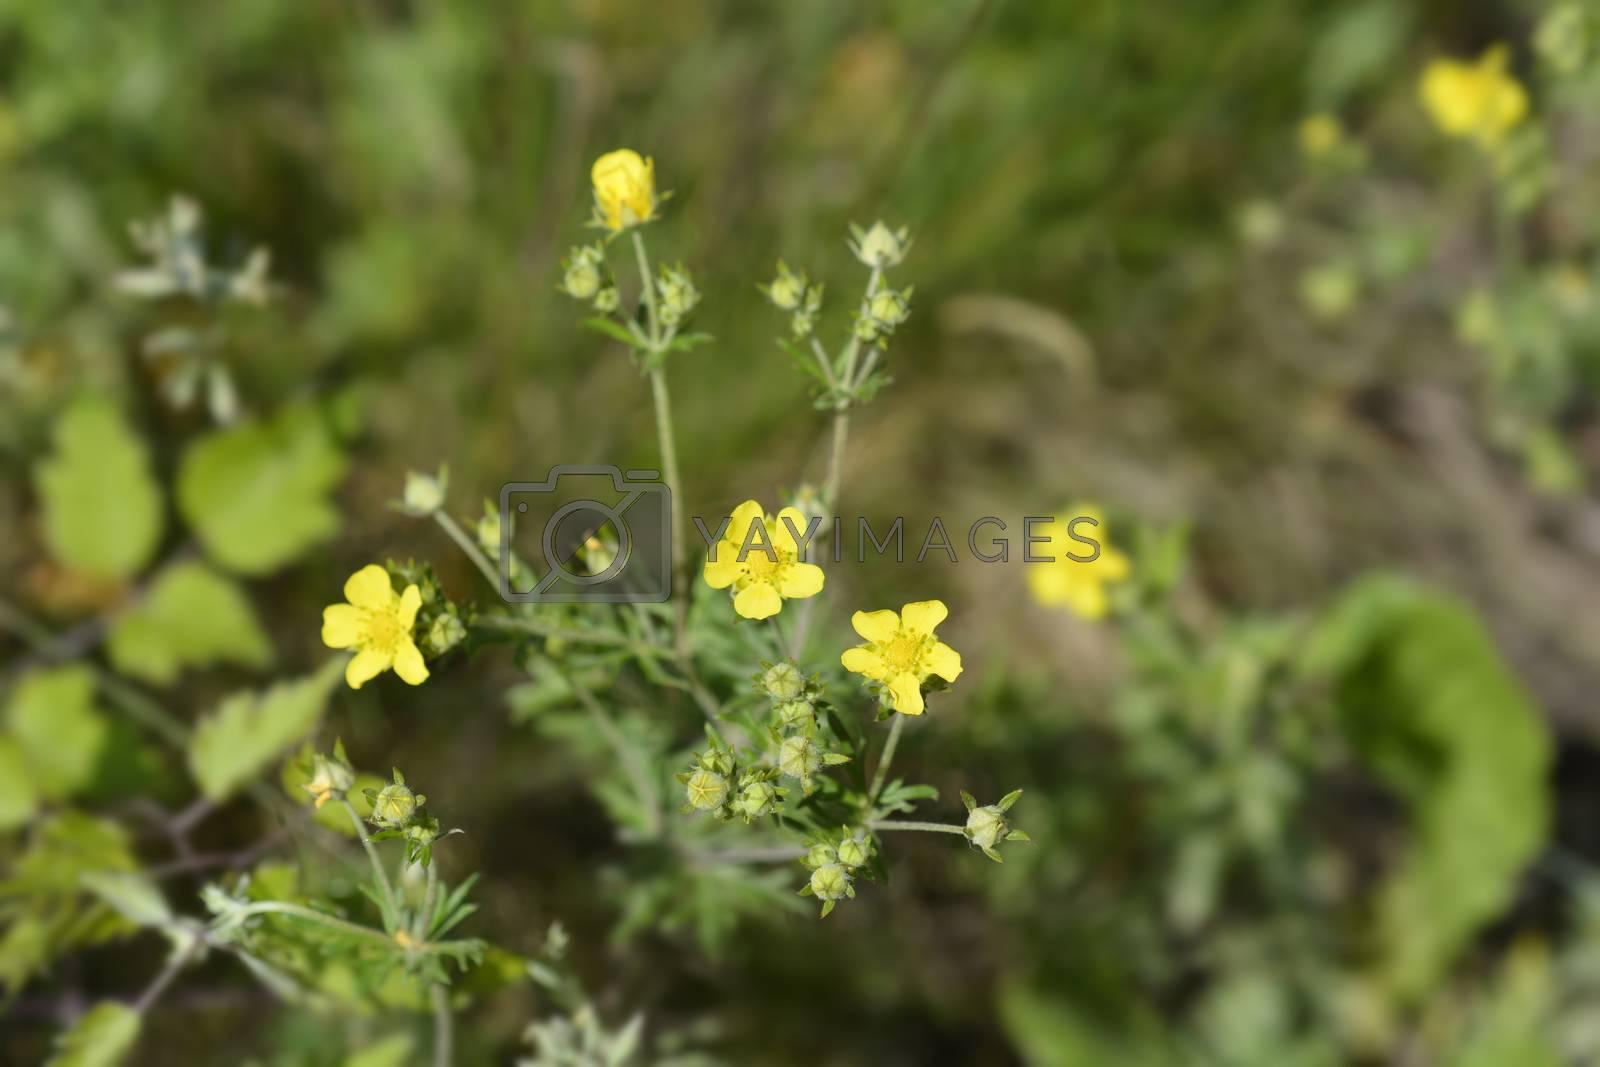 Hoary cinquefoil - Latin name - Potentilla argentea